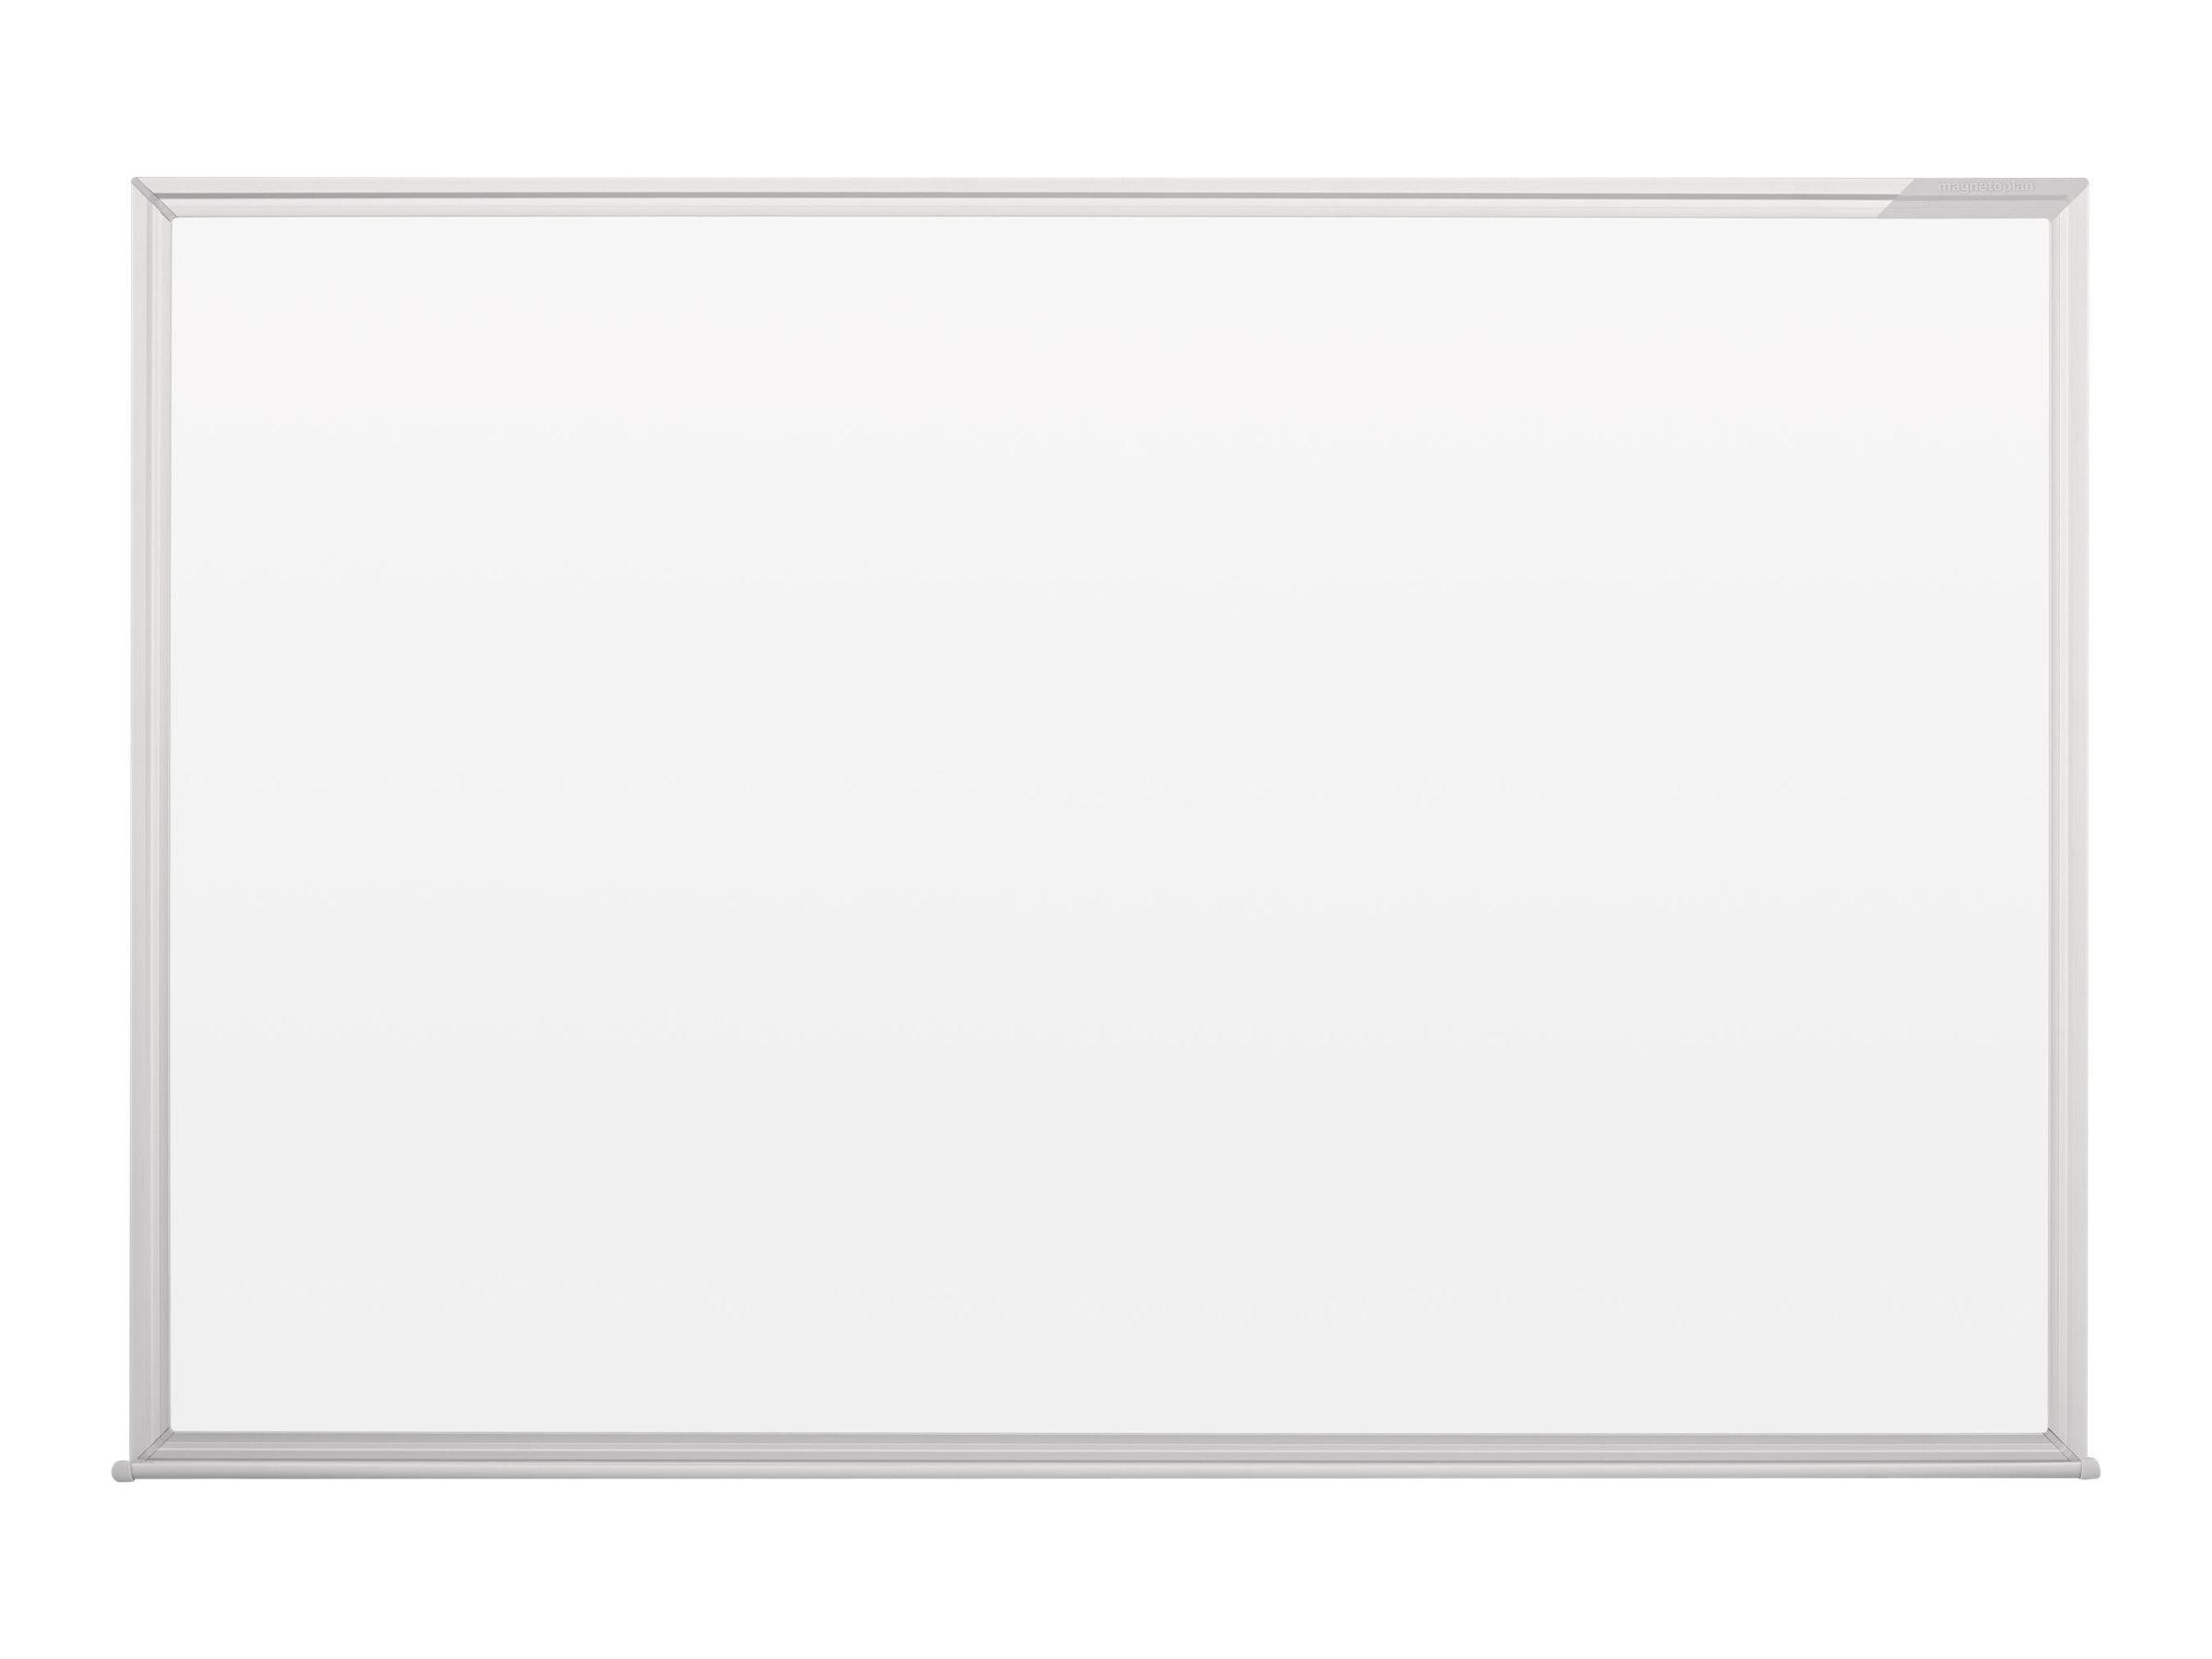 Magnetoplan SP - Whiteboard - geeignet für Wandmontage - 2000 x 1000 mm - magnetisch